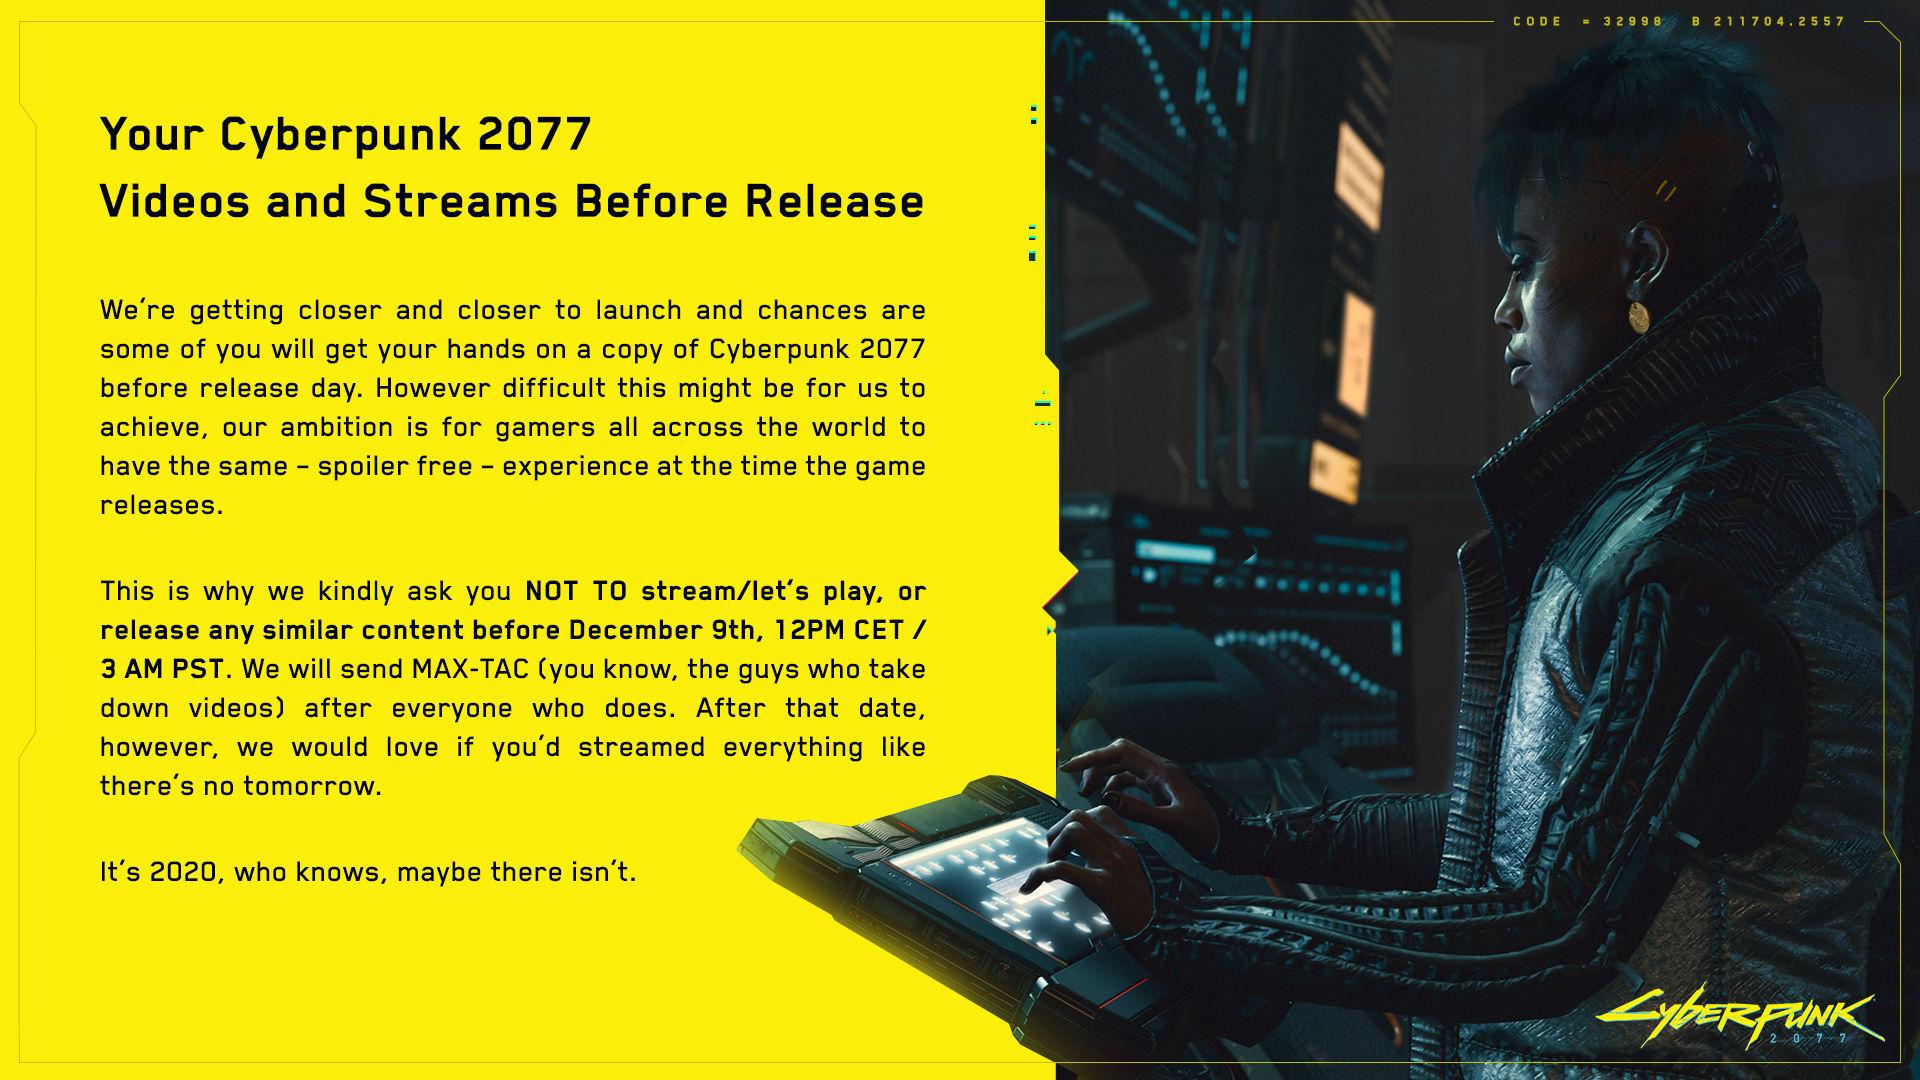 赛博朋克2077光盘偷跑 官方恳求玩家不要剧透